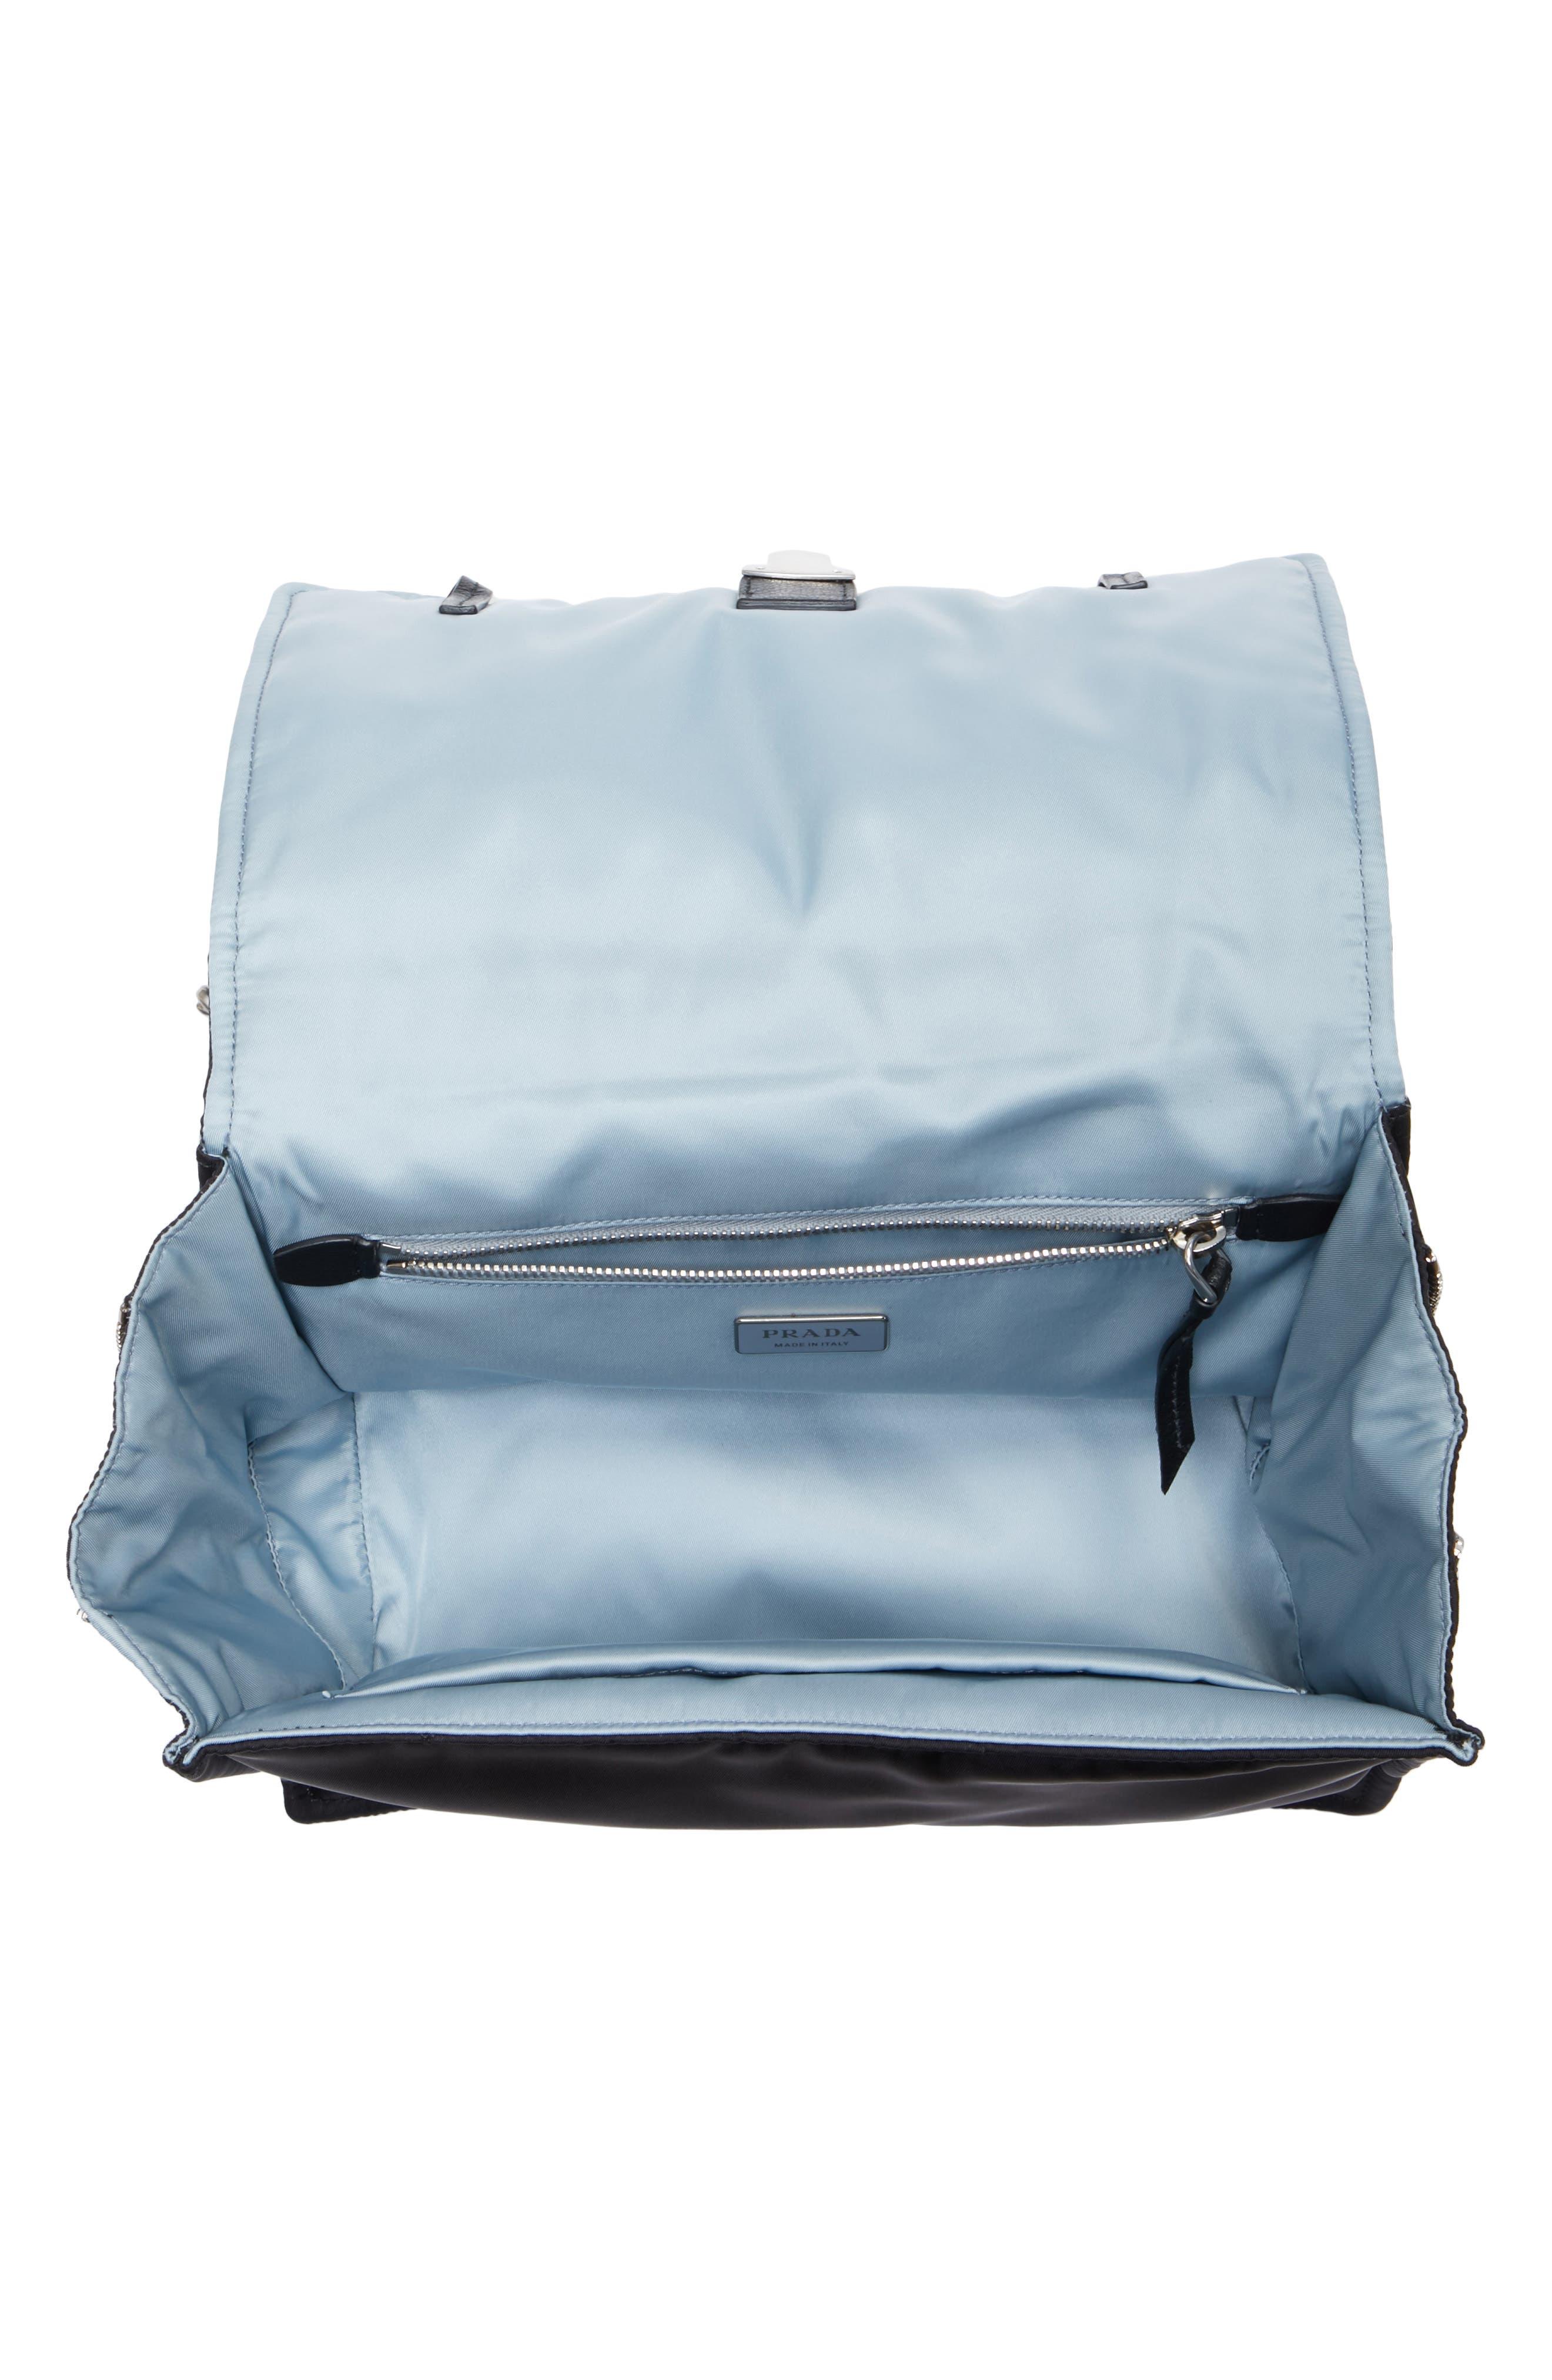 Medium Etiquette Tessuto Bag,                             Alternate thumbnail 4, color,                             Nero/ Astrale